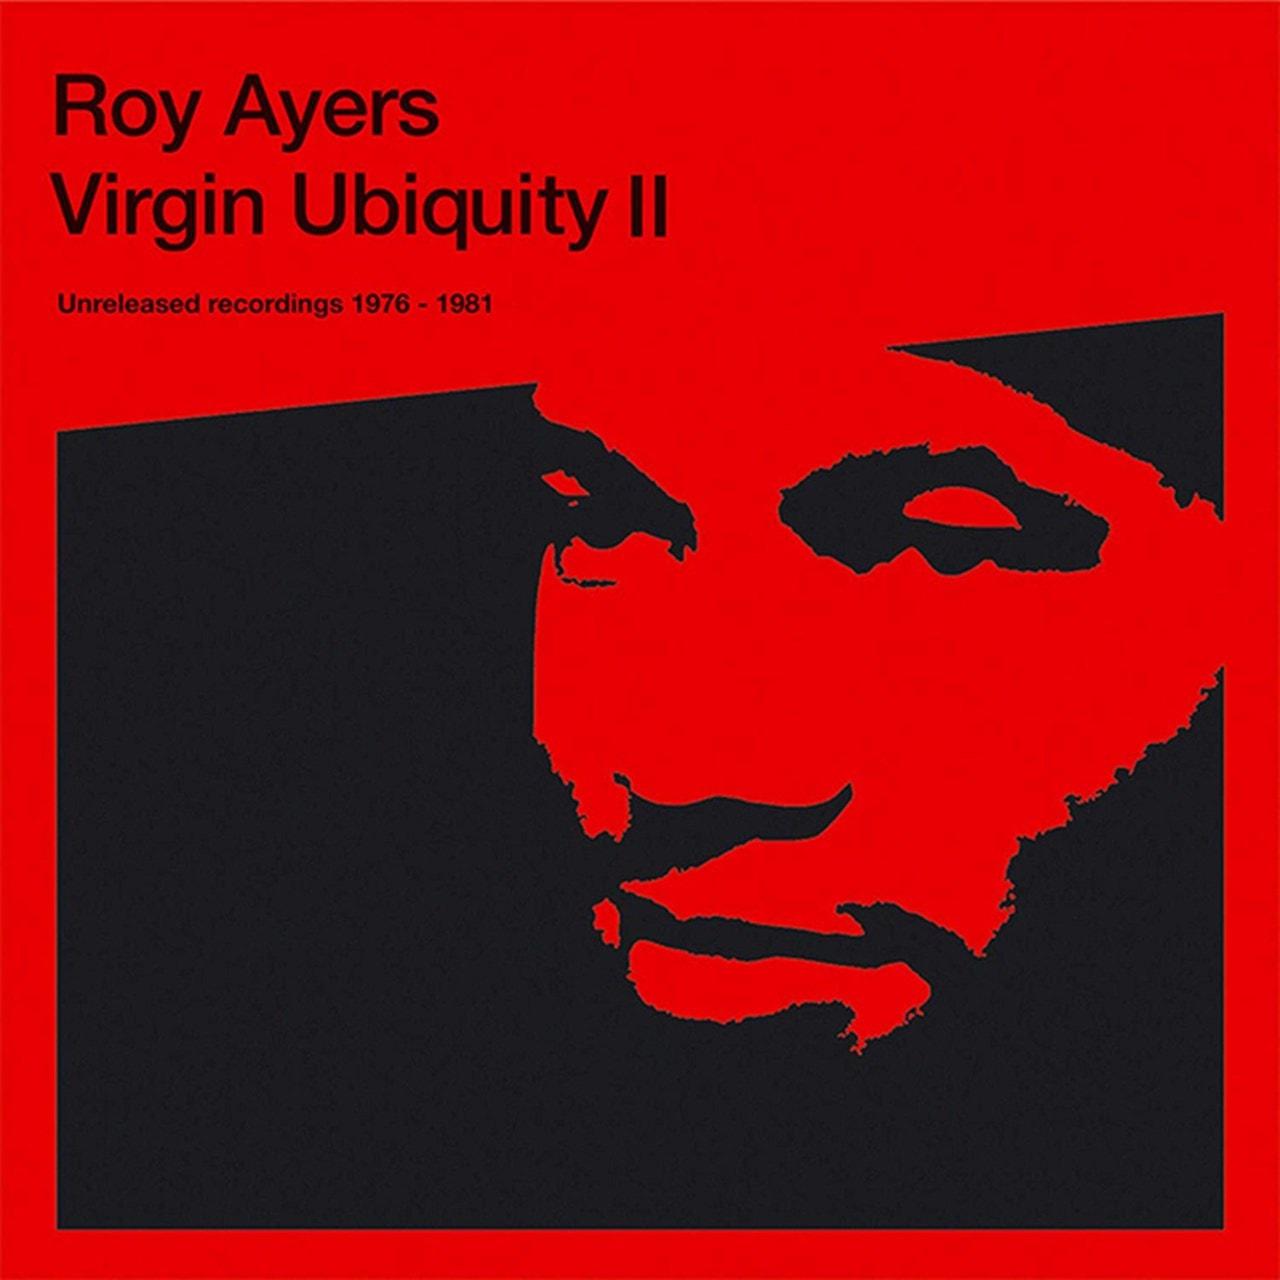 Virgin Ubiquity II: Unreleased Recordings 1976-1981 - 1